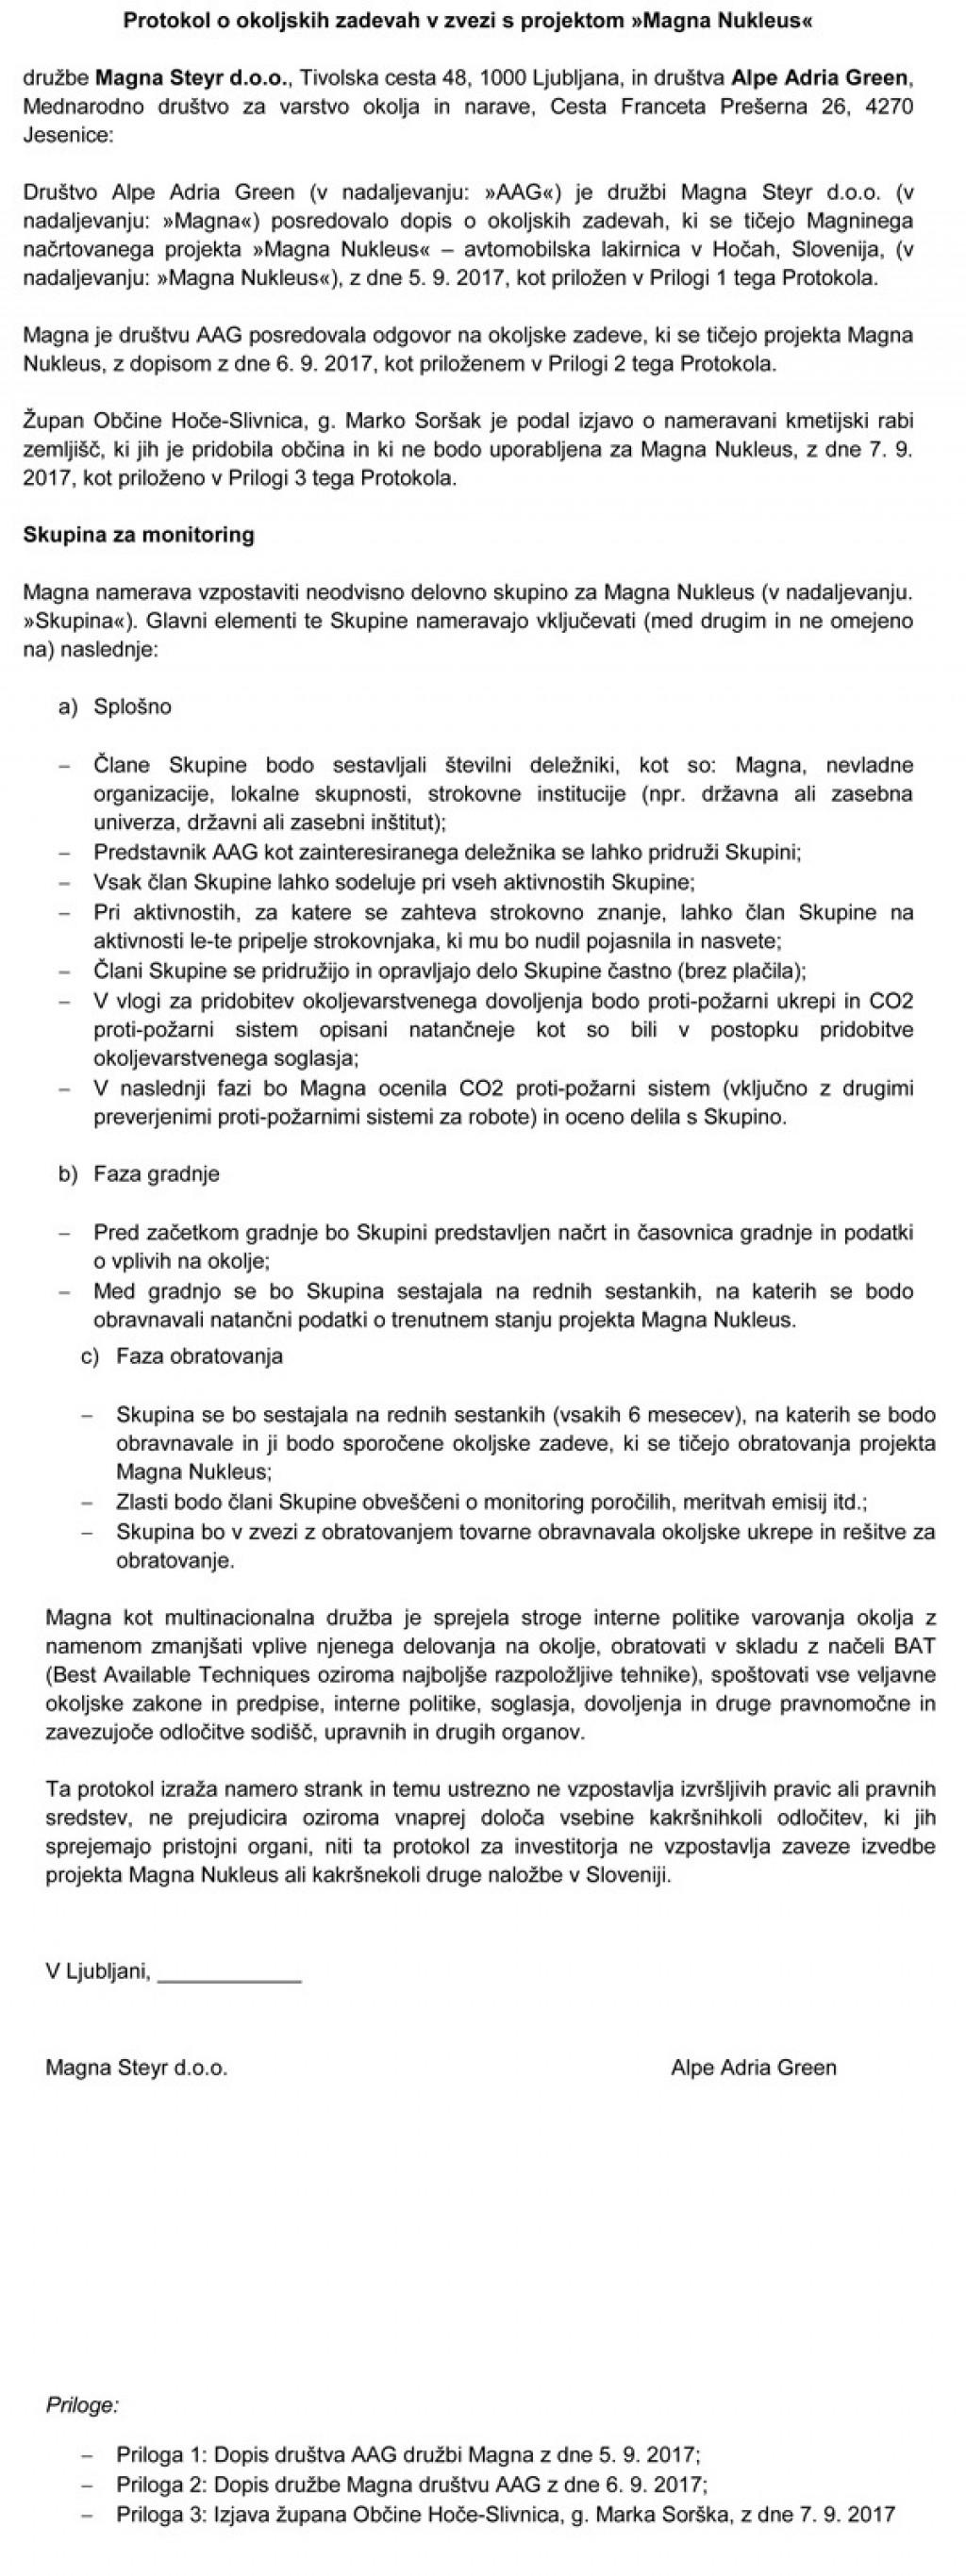 Protokol med Magno Steyr in AAG. Na koncu celo izrecno piše, da Magno Steyr nič ne zavezuje!<br>